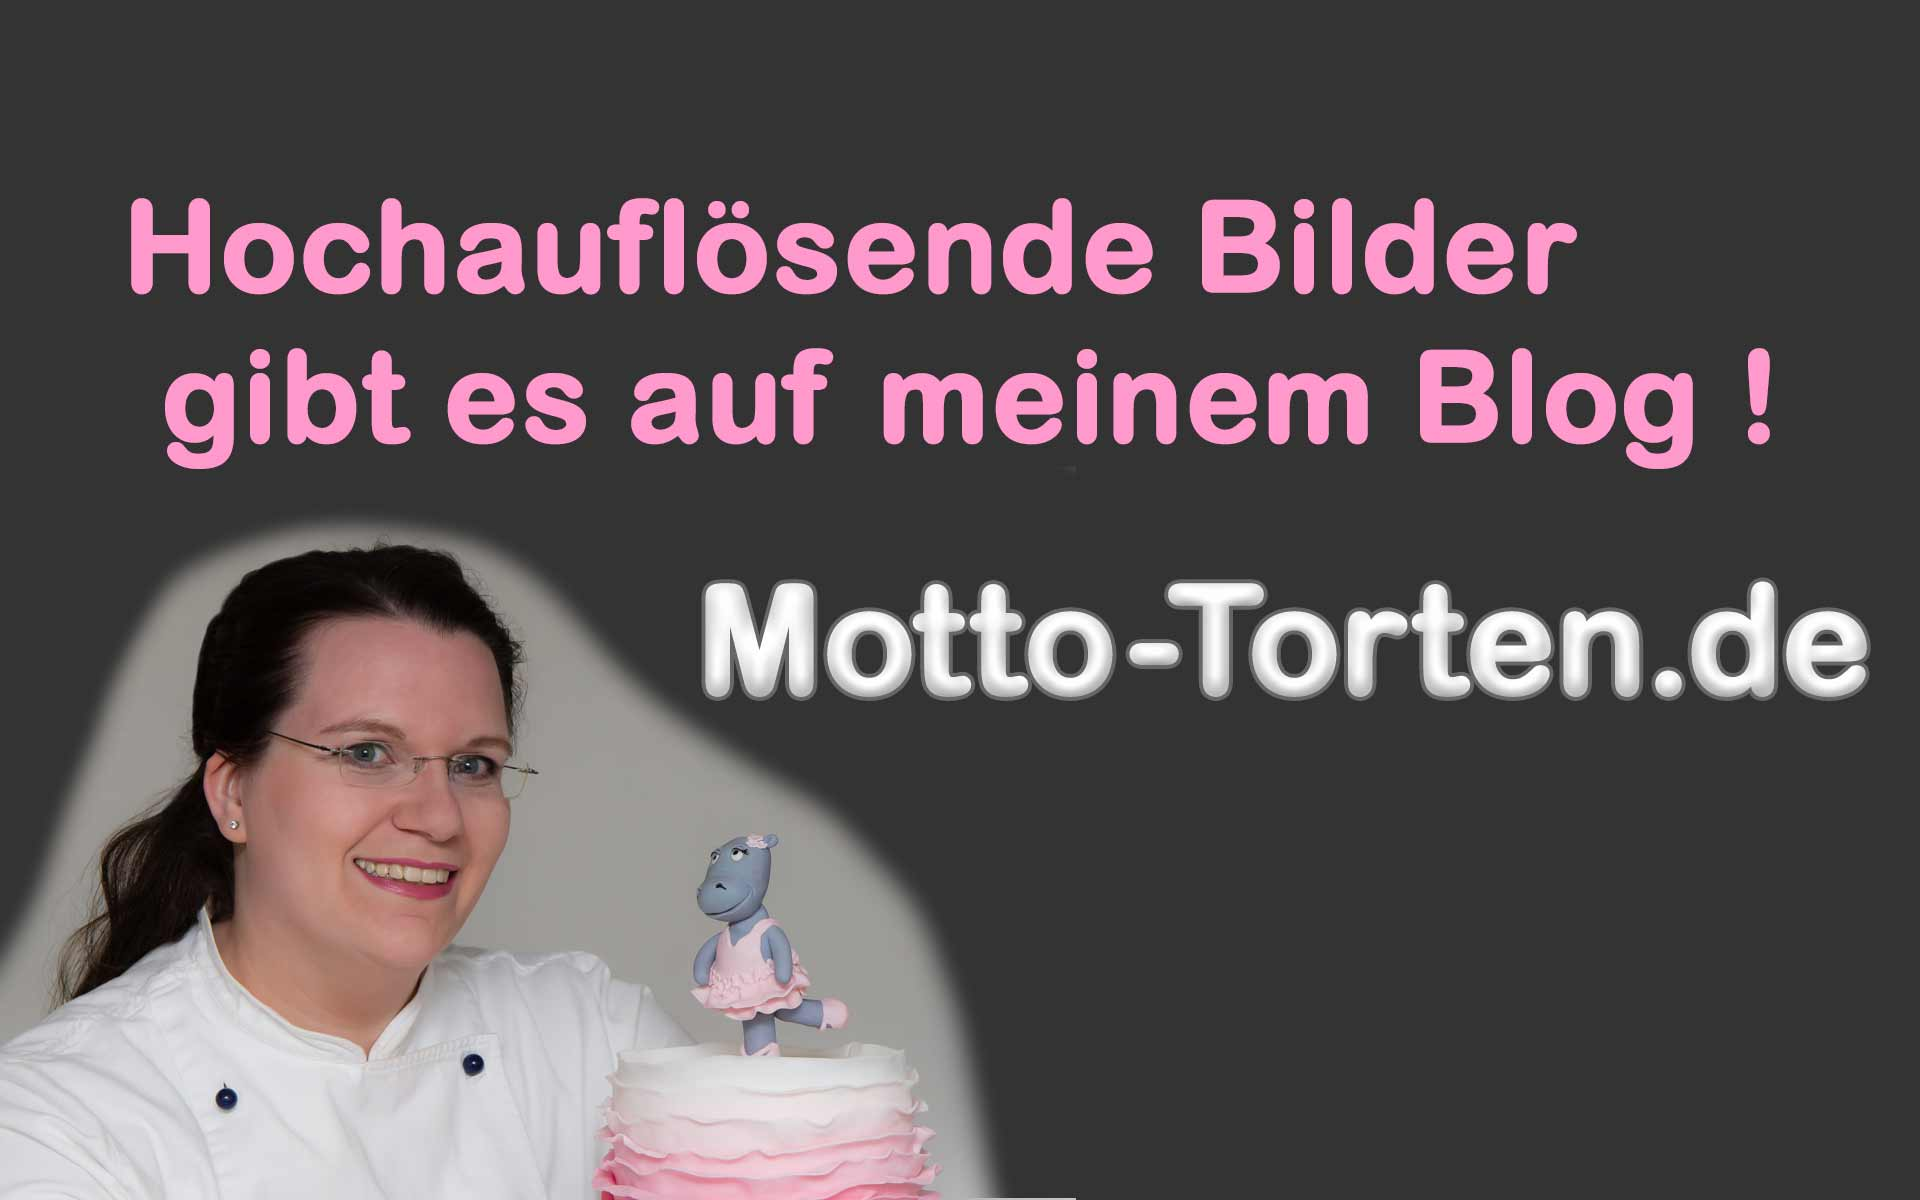 Hochzeitstorte Gelbe Rosen640x640 Motto Torten De